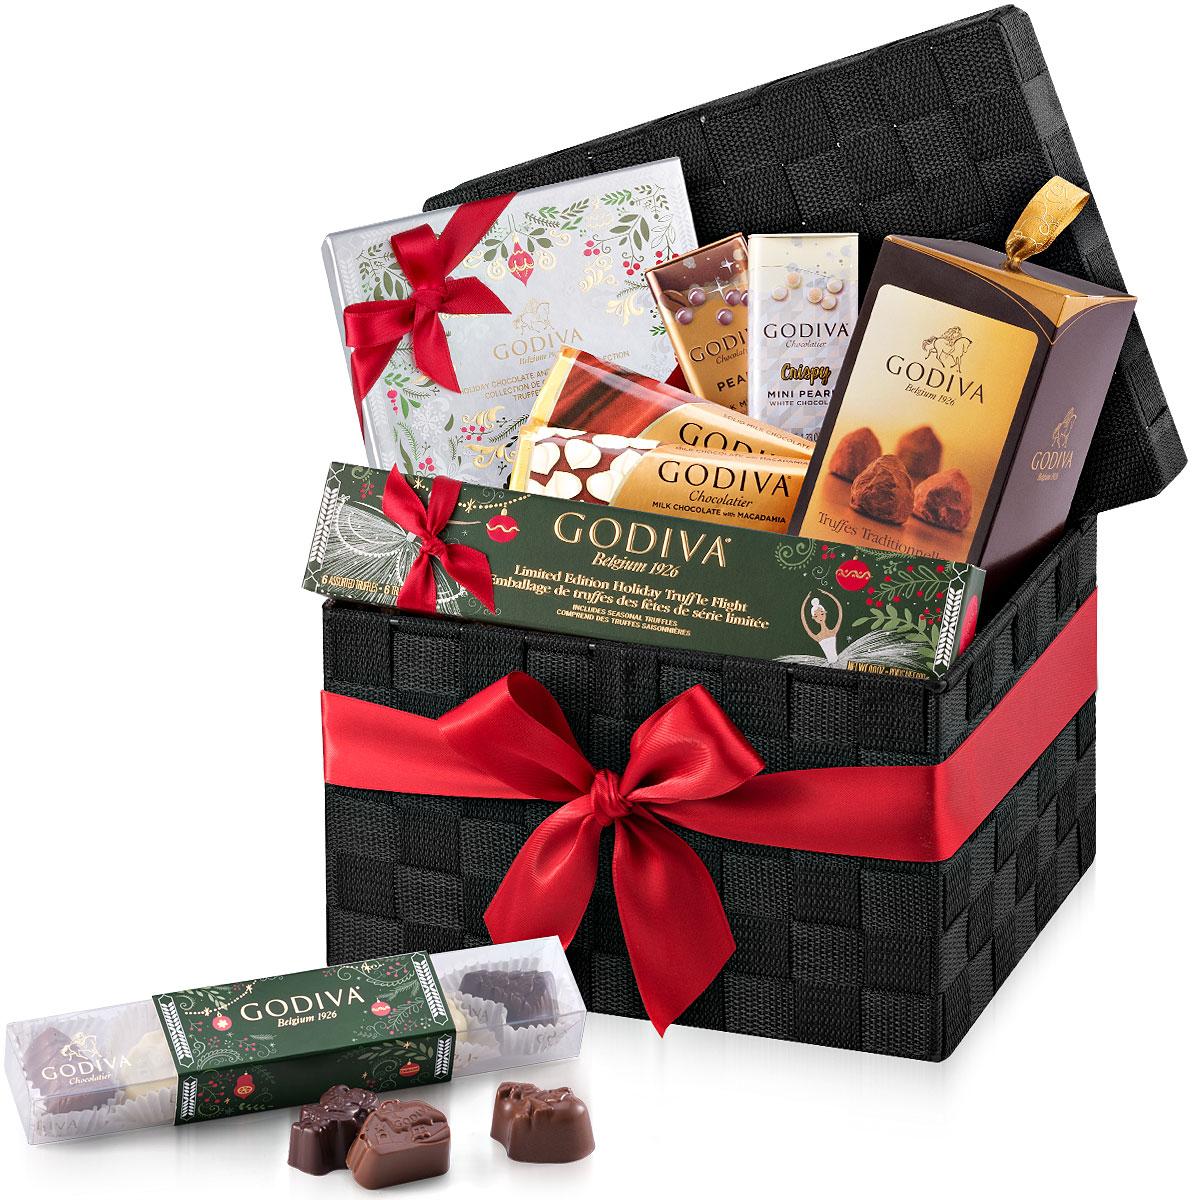 Godiva Christmas Large Woven Gift Hamper